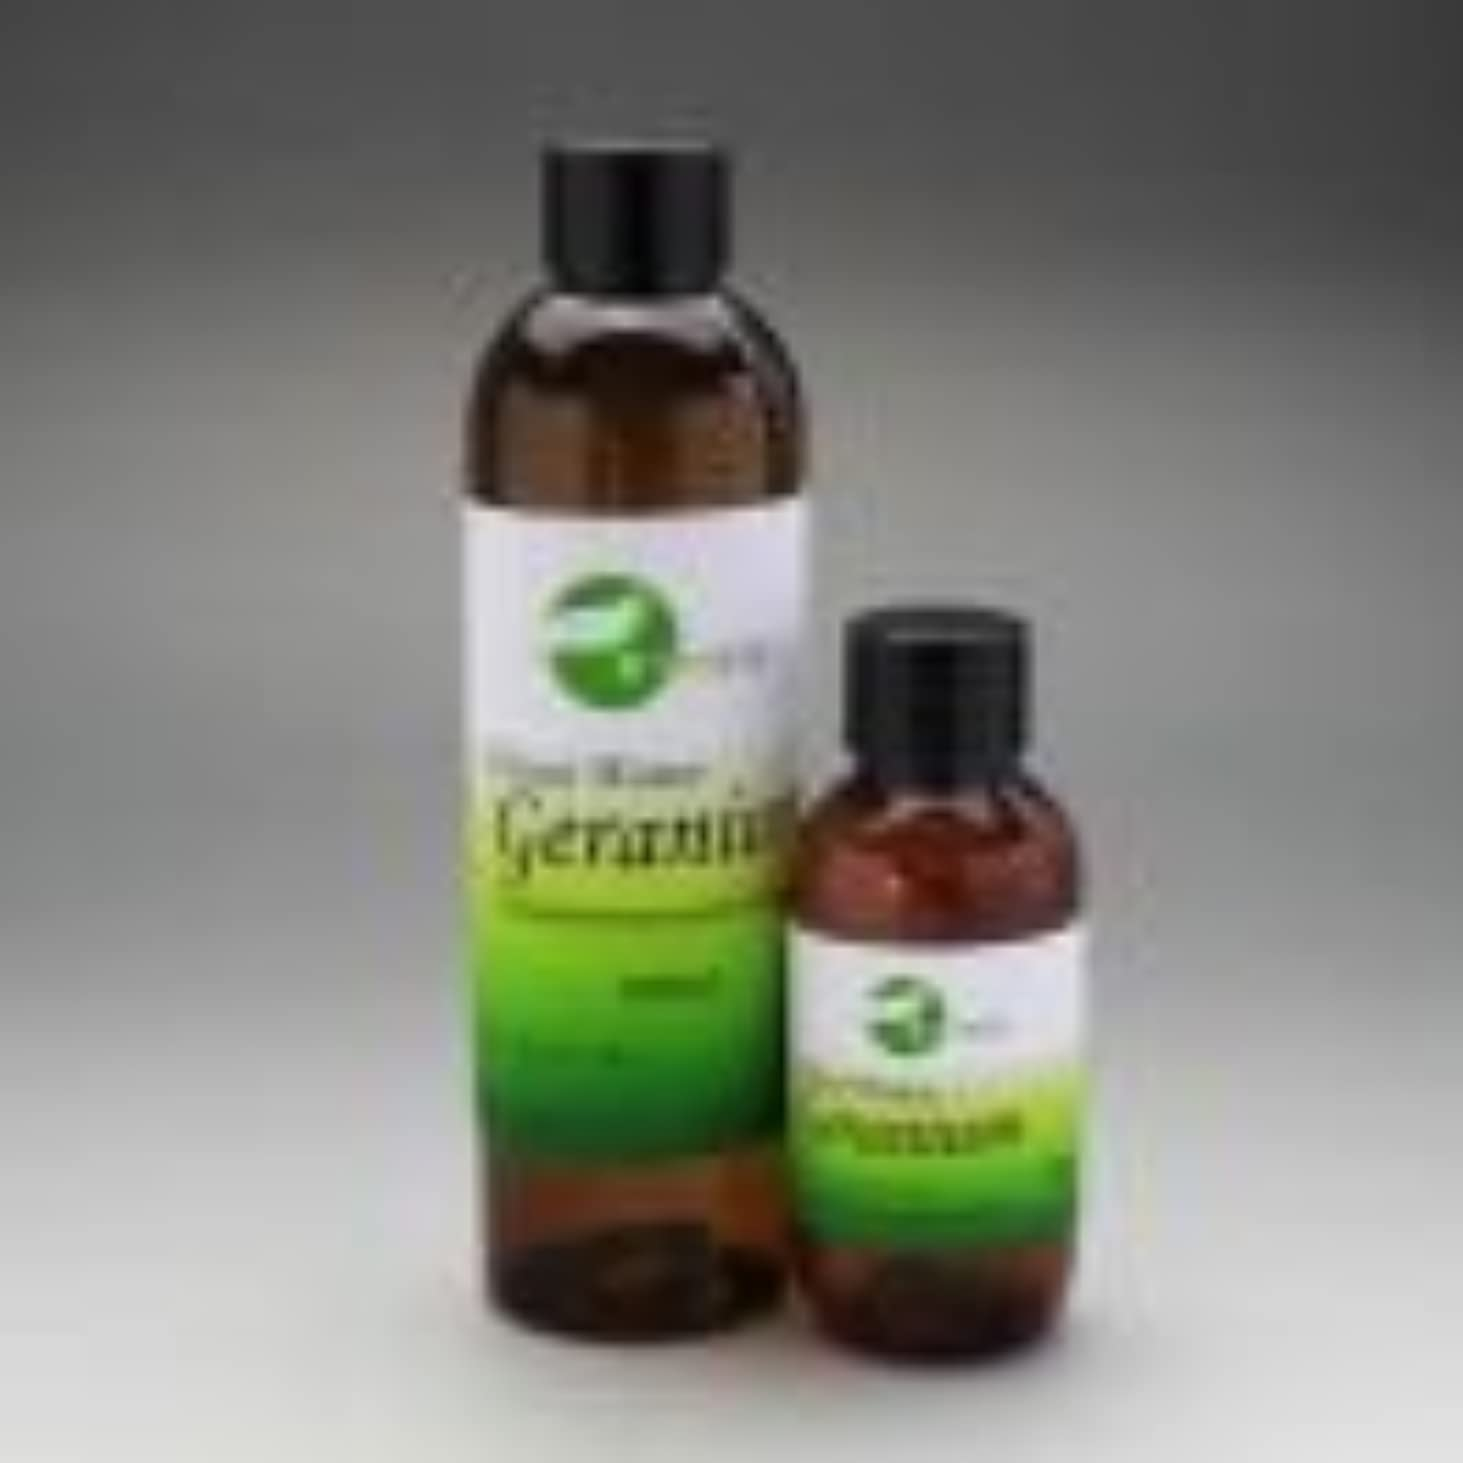 脅かすスカートリアル[フローラルウォーター] 爽やかなハーブ調の中にフローラルな香り ゼラニウムウォーター 250ml